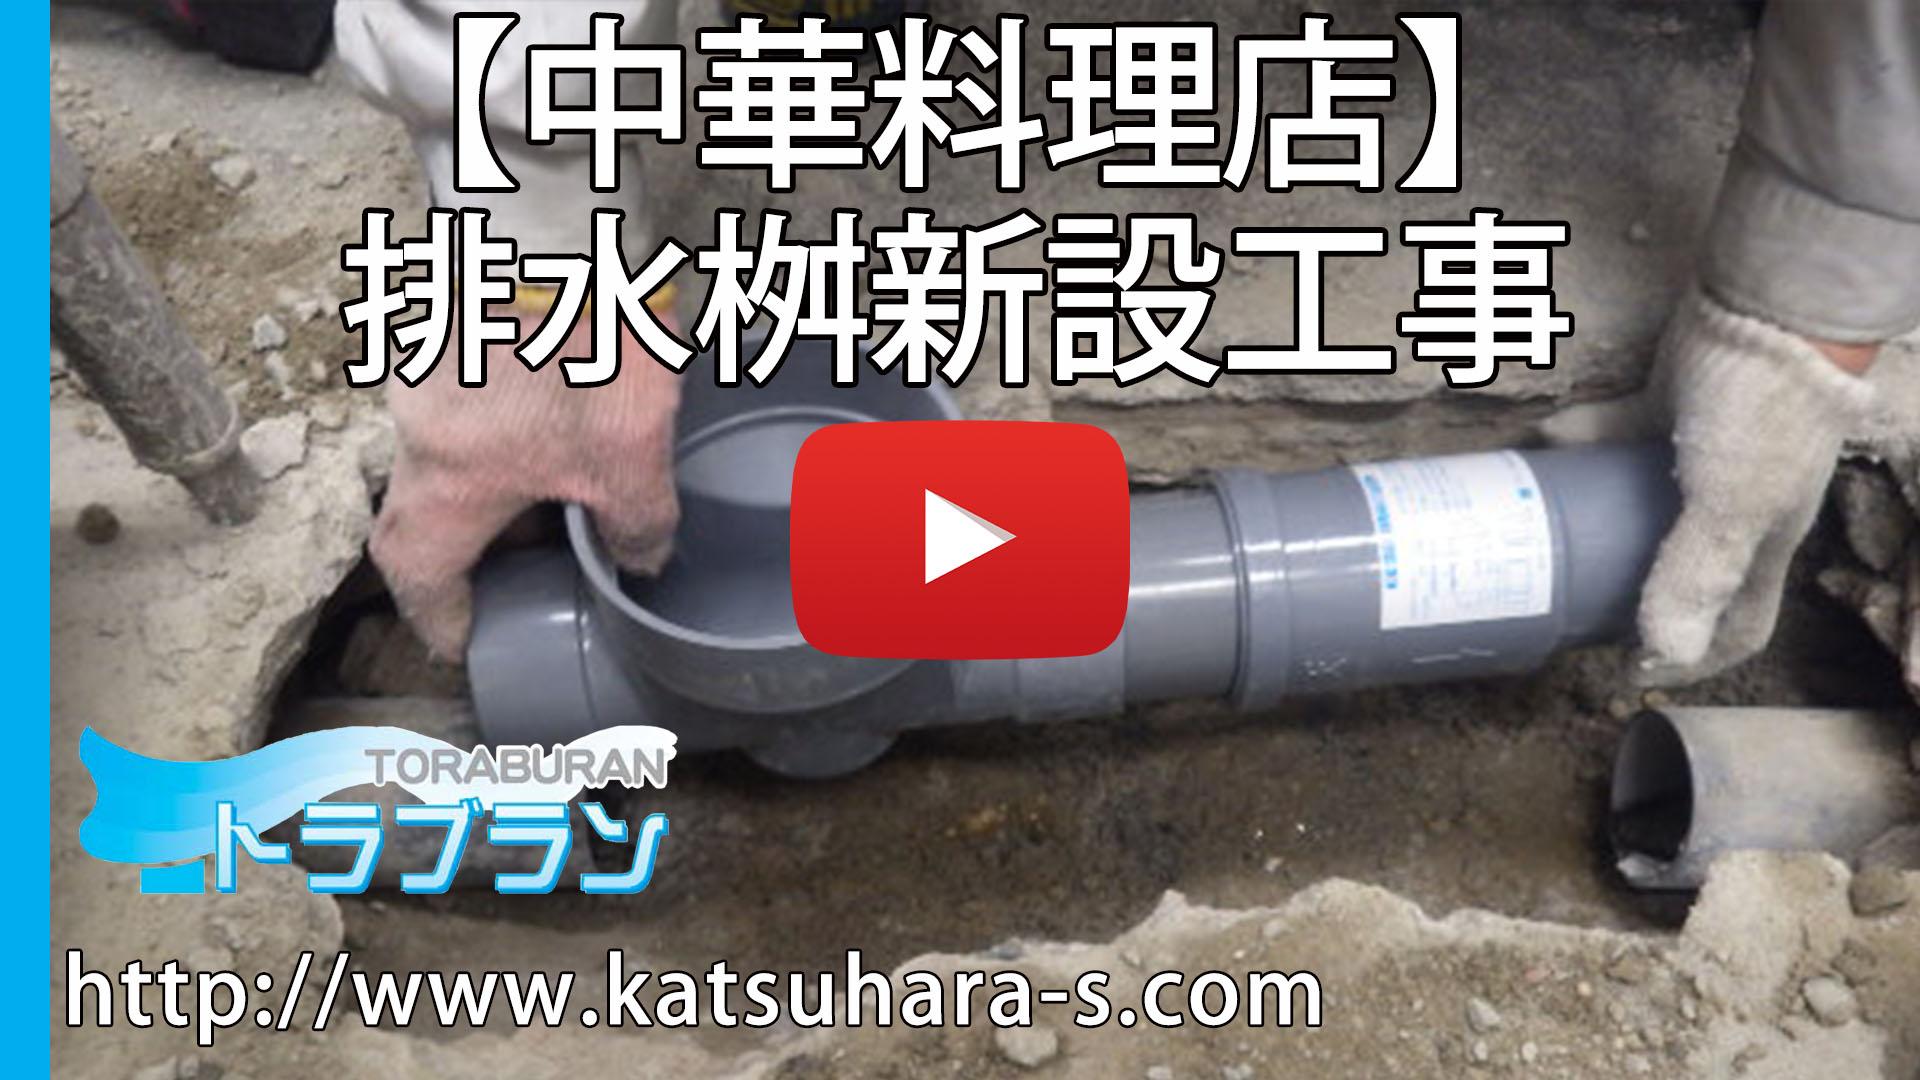 【中華料理店】排水桝新設のサムネイルb